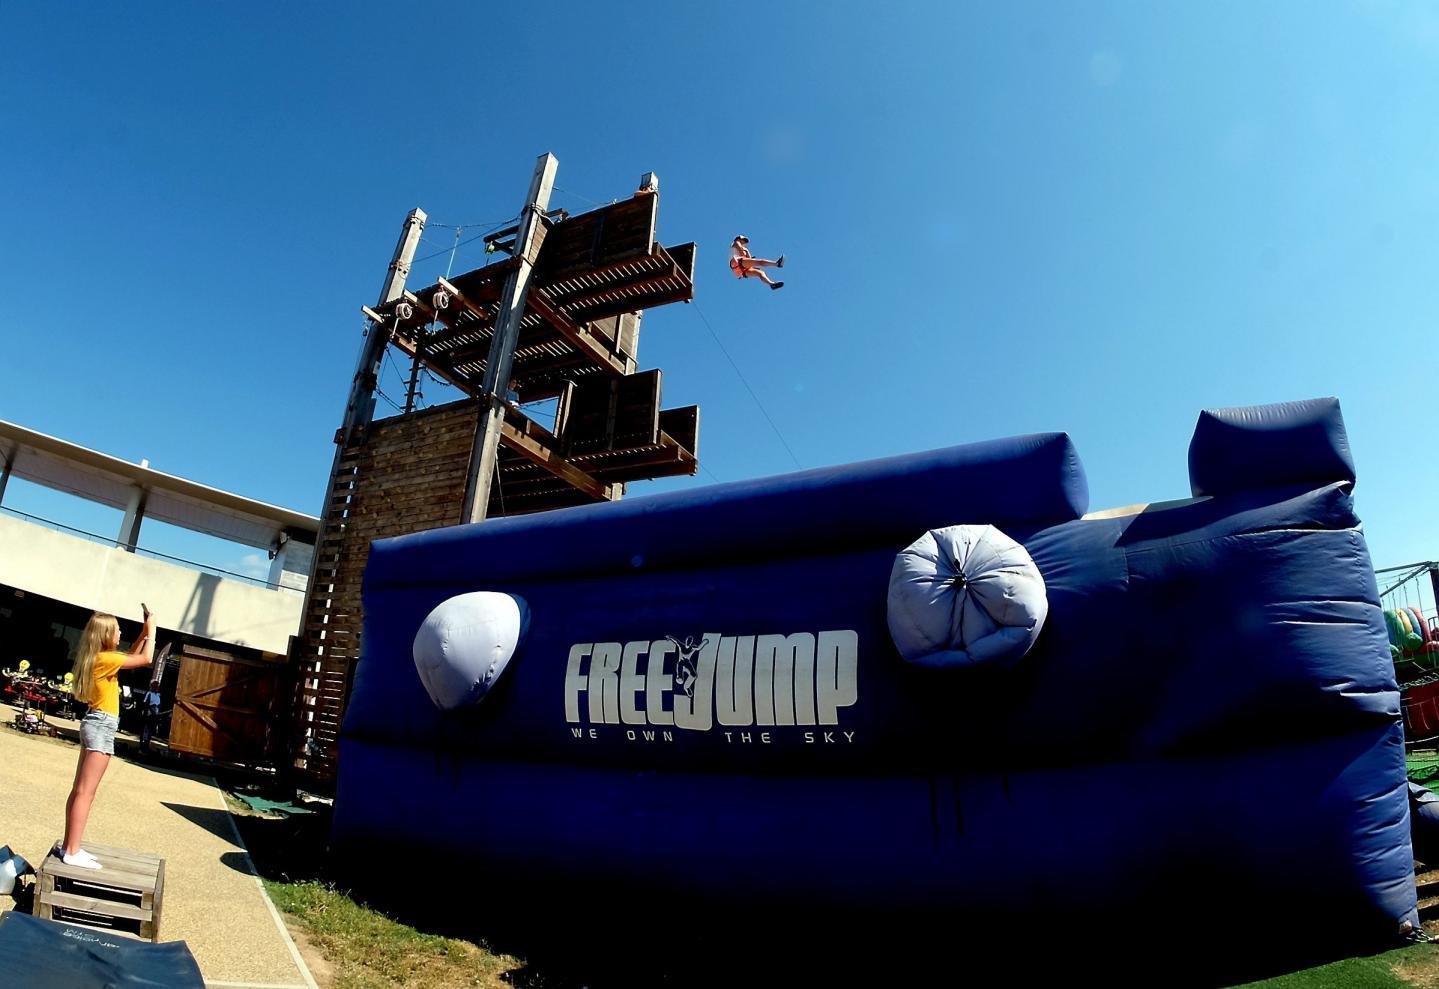 Le free jump consiste à sauter de 7 m ou 10 m de hauteur dans un immense matelas d'air conçu pour les cascades de cinéma.